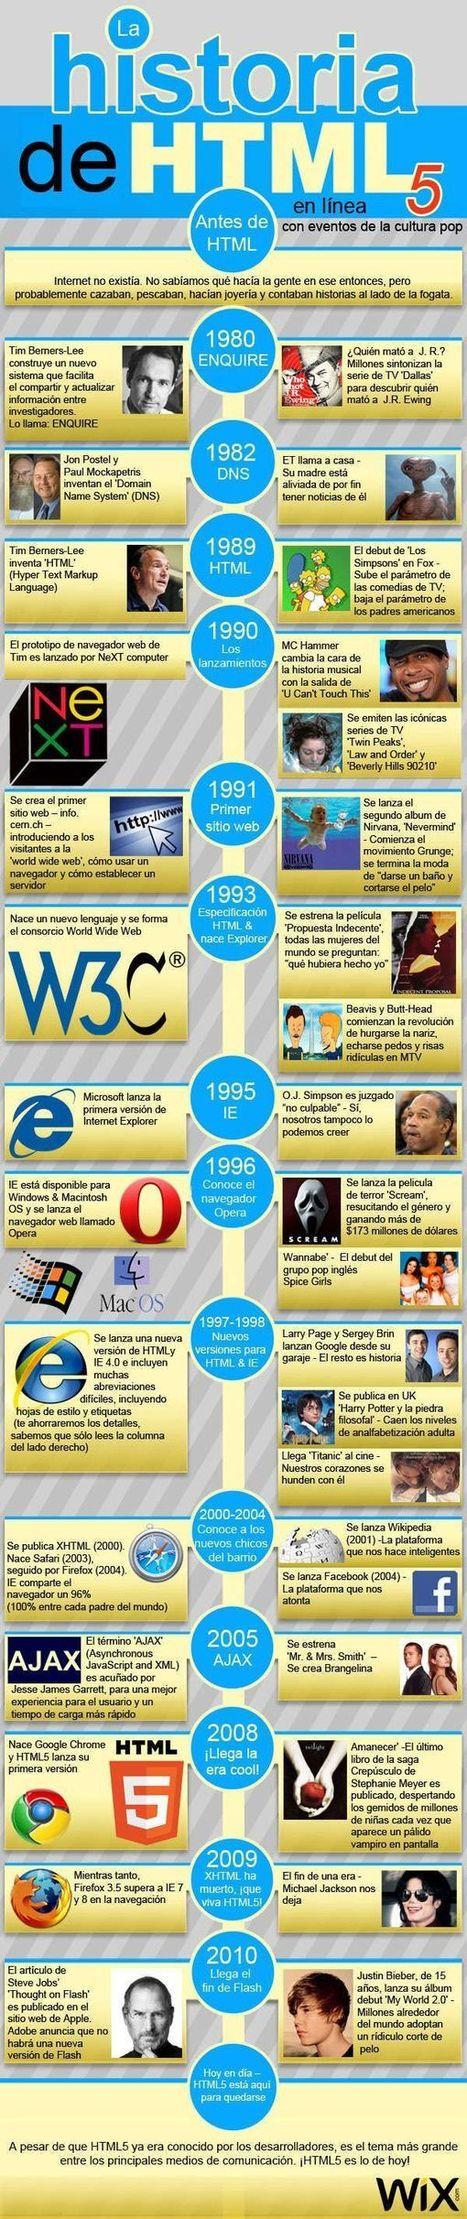 La historia de HTML5 en una infografía | tecnología industrial | Scoop.it